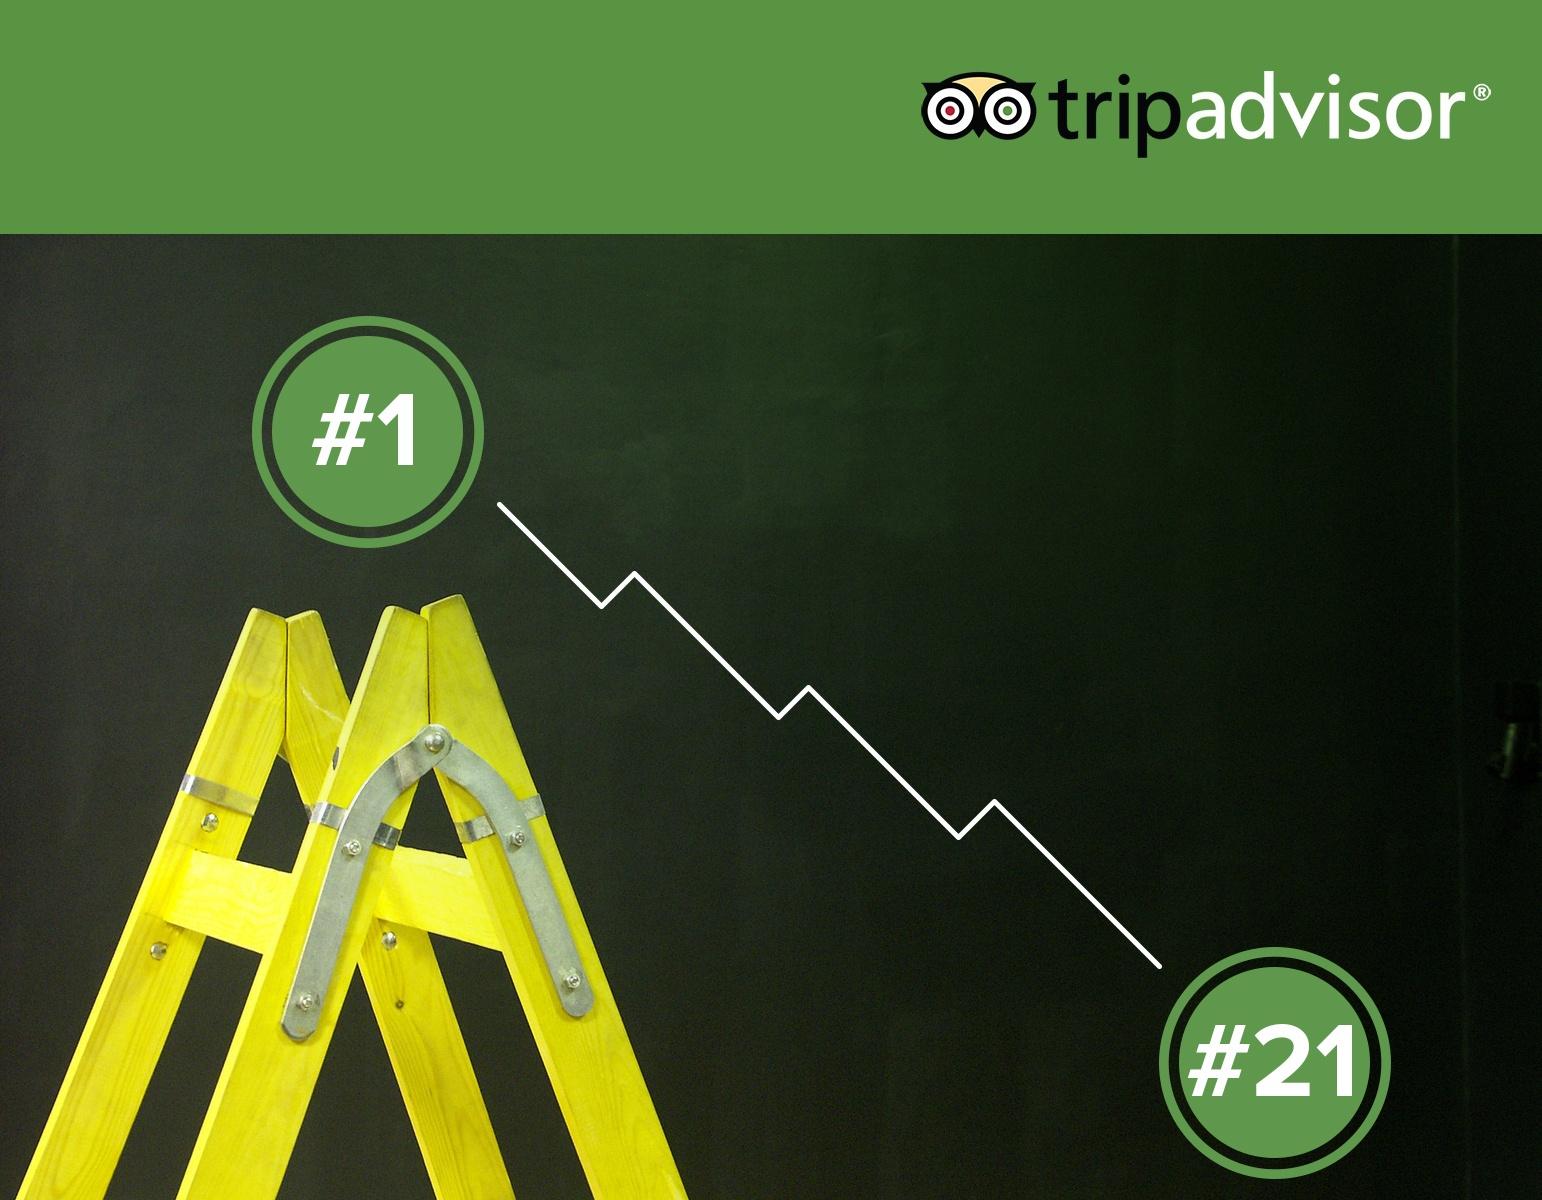 Tất cả thông tin cần biết về thuật toán Thứ hạng TripAdvisor